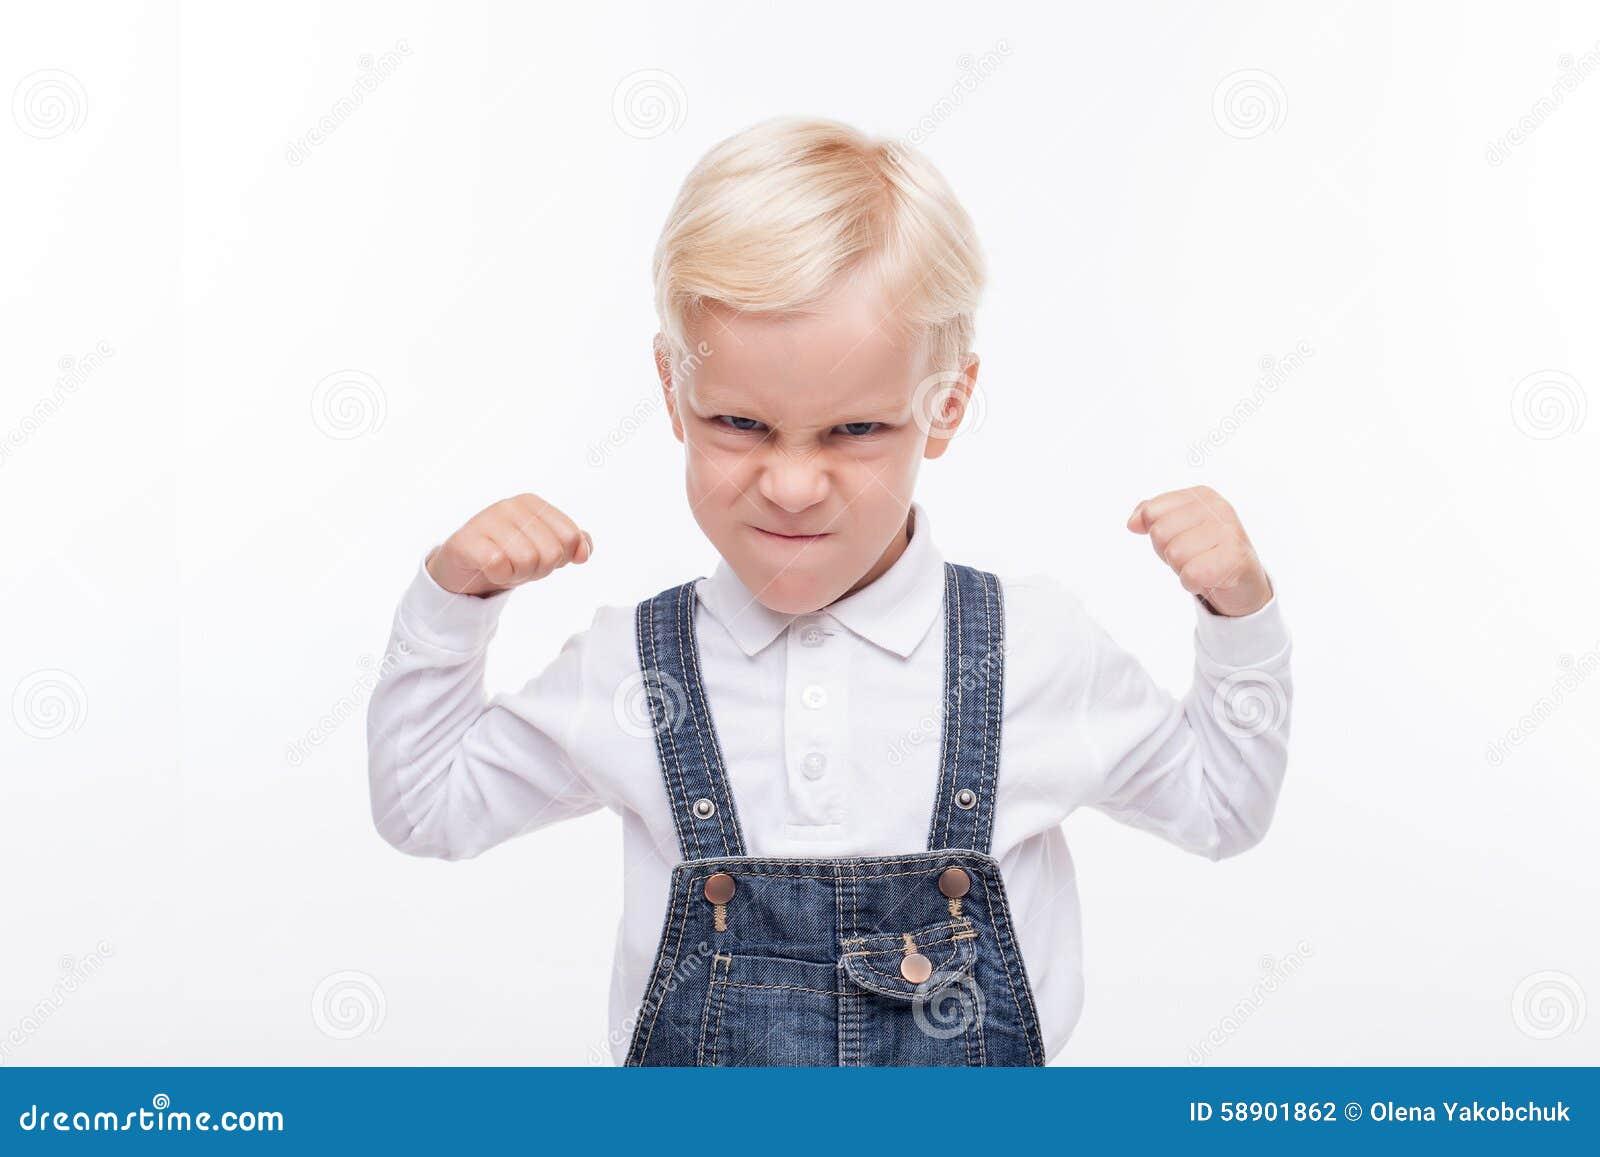 恼怒的小男孩准备战斗